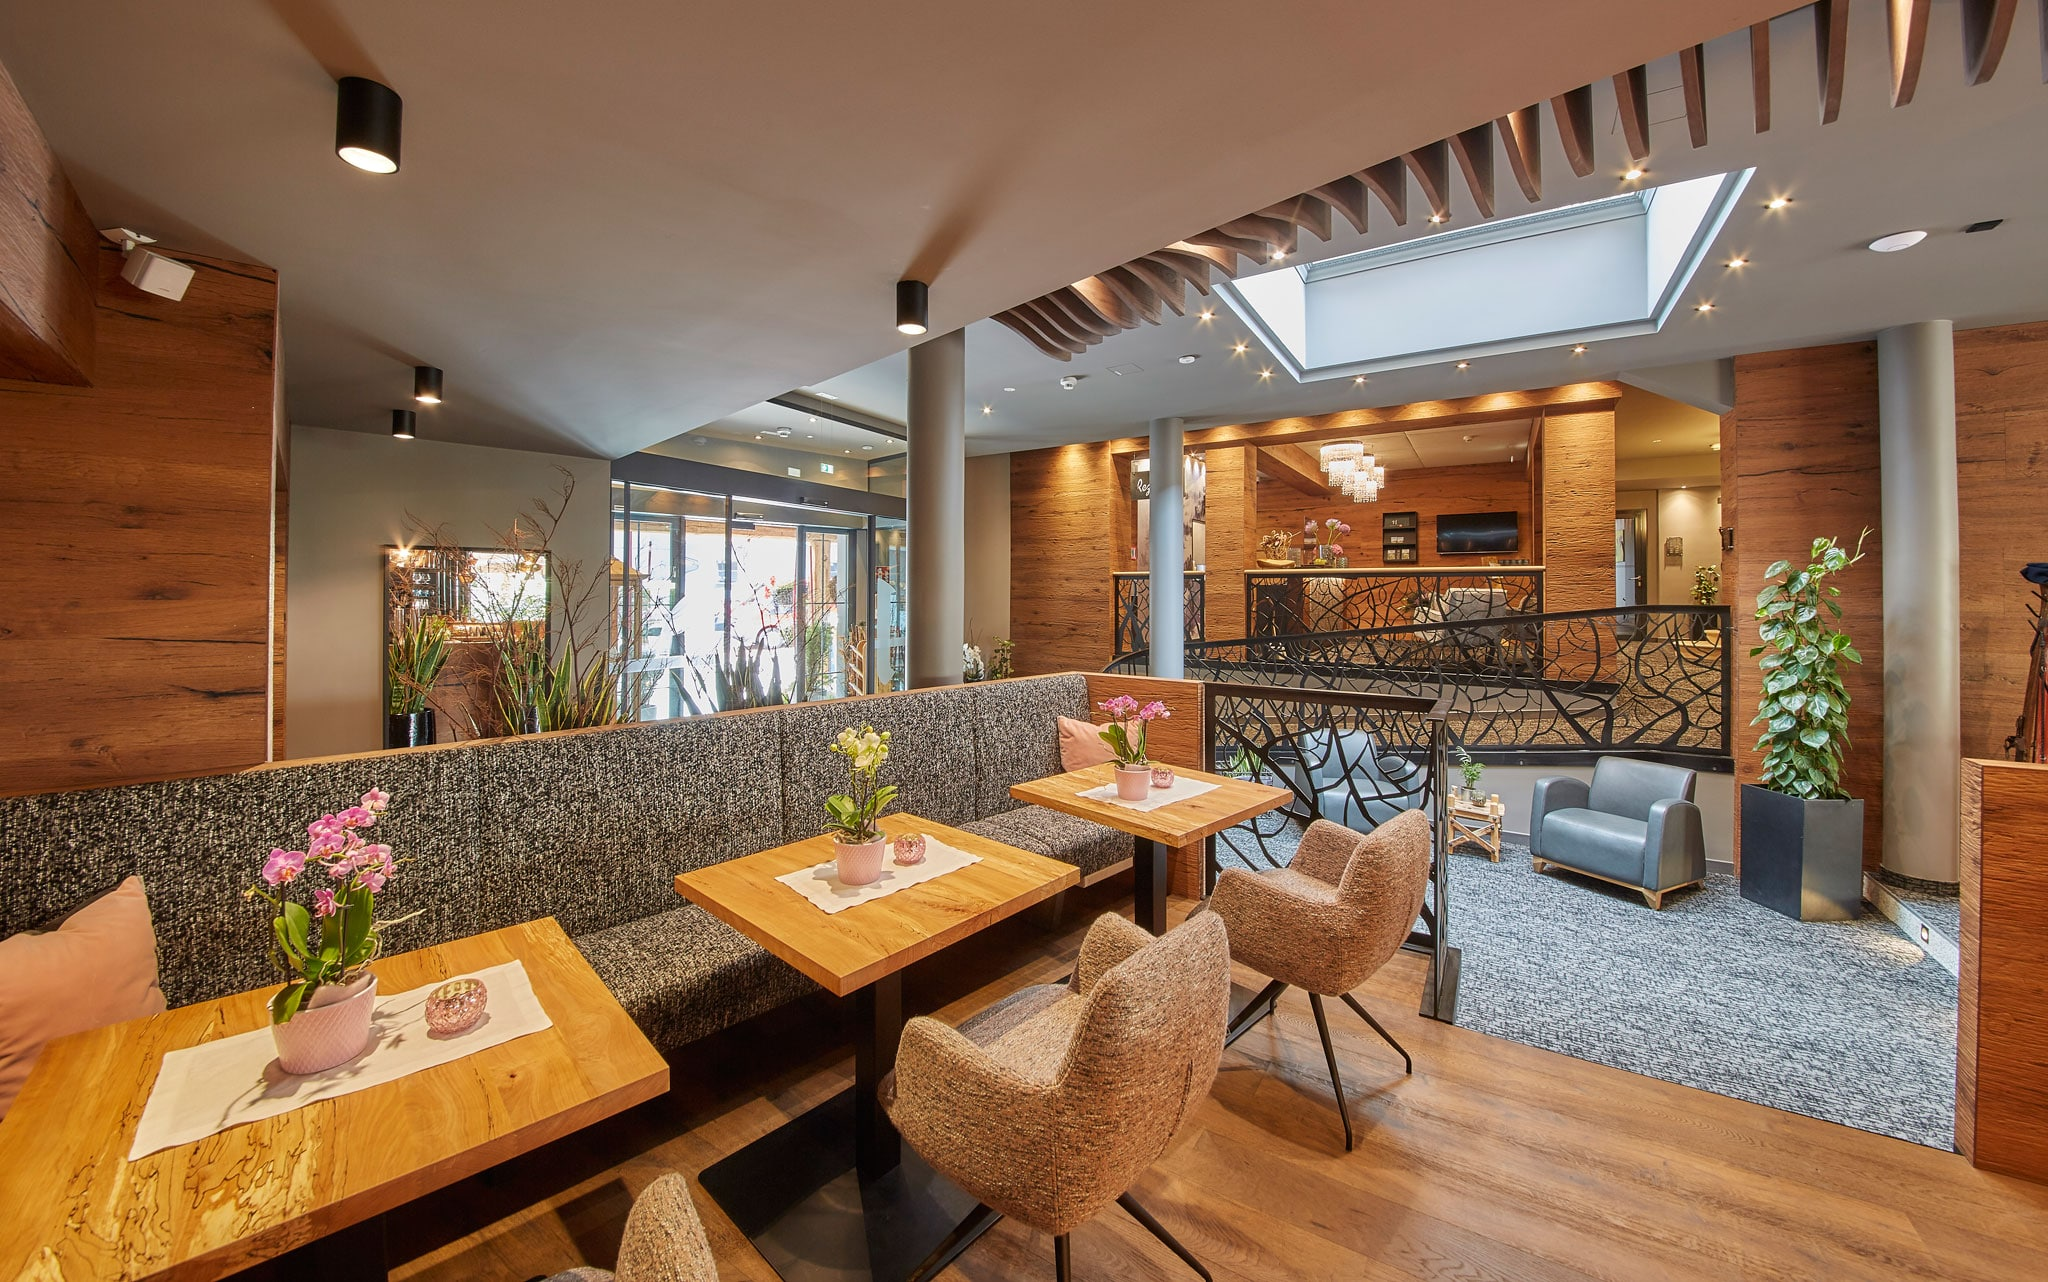 Der Loungebereich mit gemütlichen Stühlen und Tischen sowie einer Sitzbank